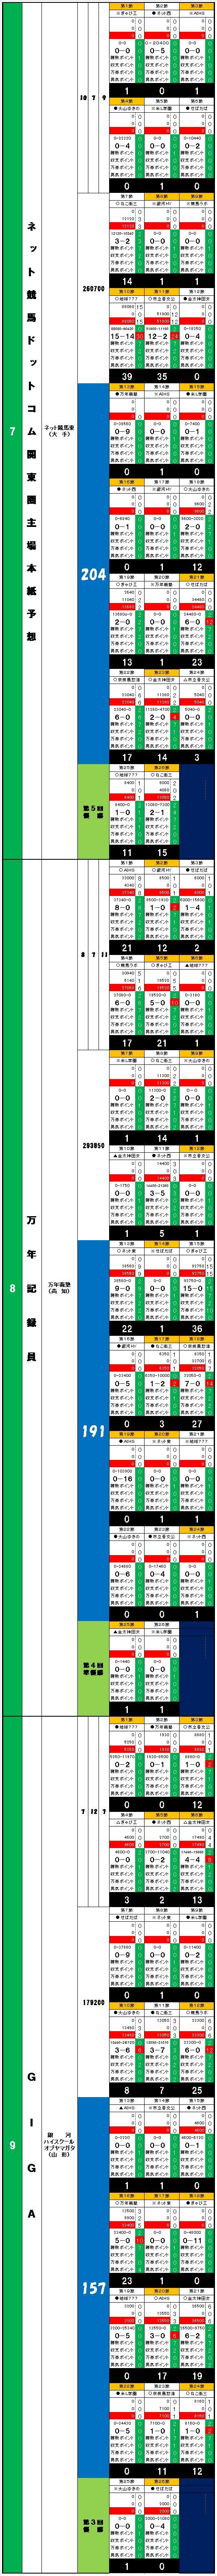 20160619・ダルマンリーグ第26節後半終了個人成績データ③.jpg